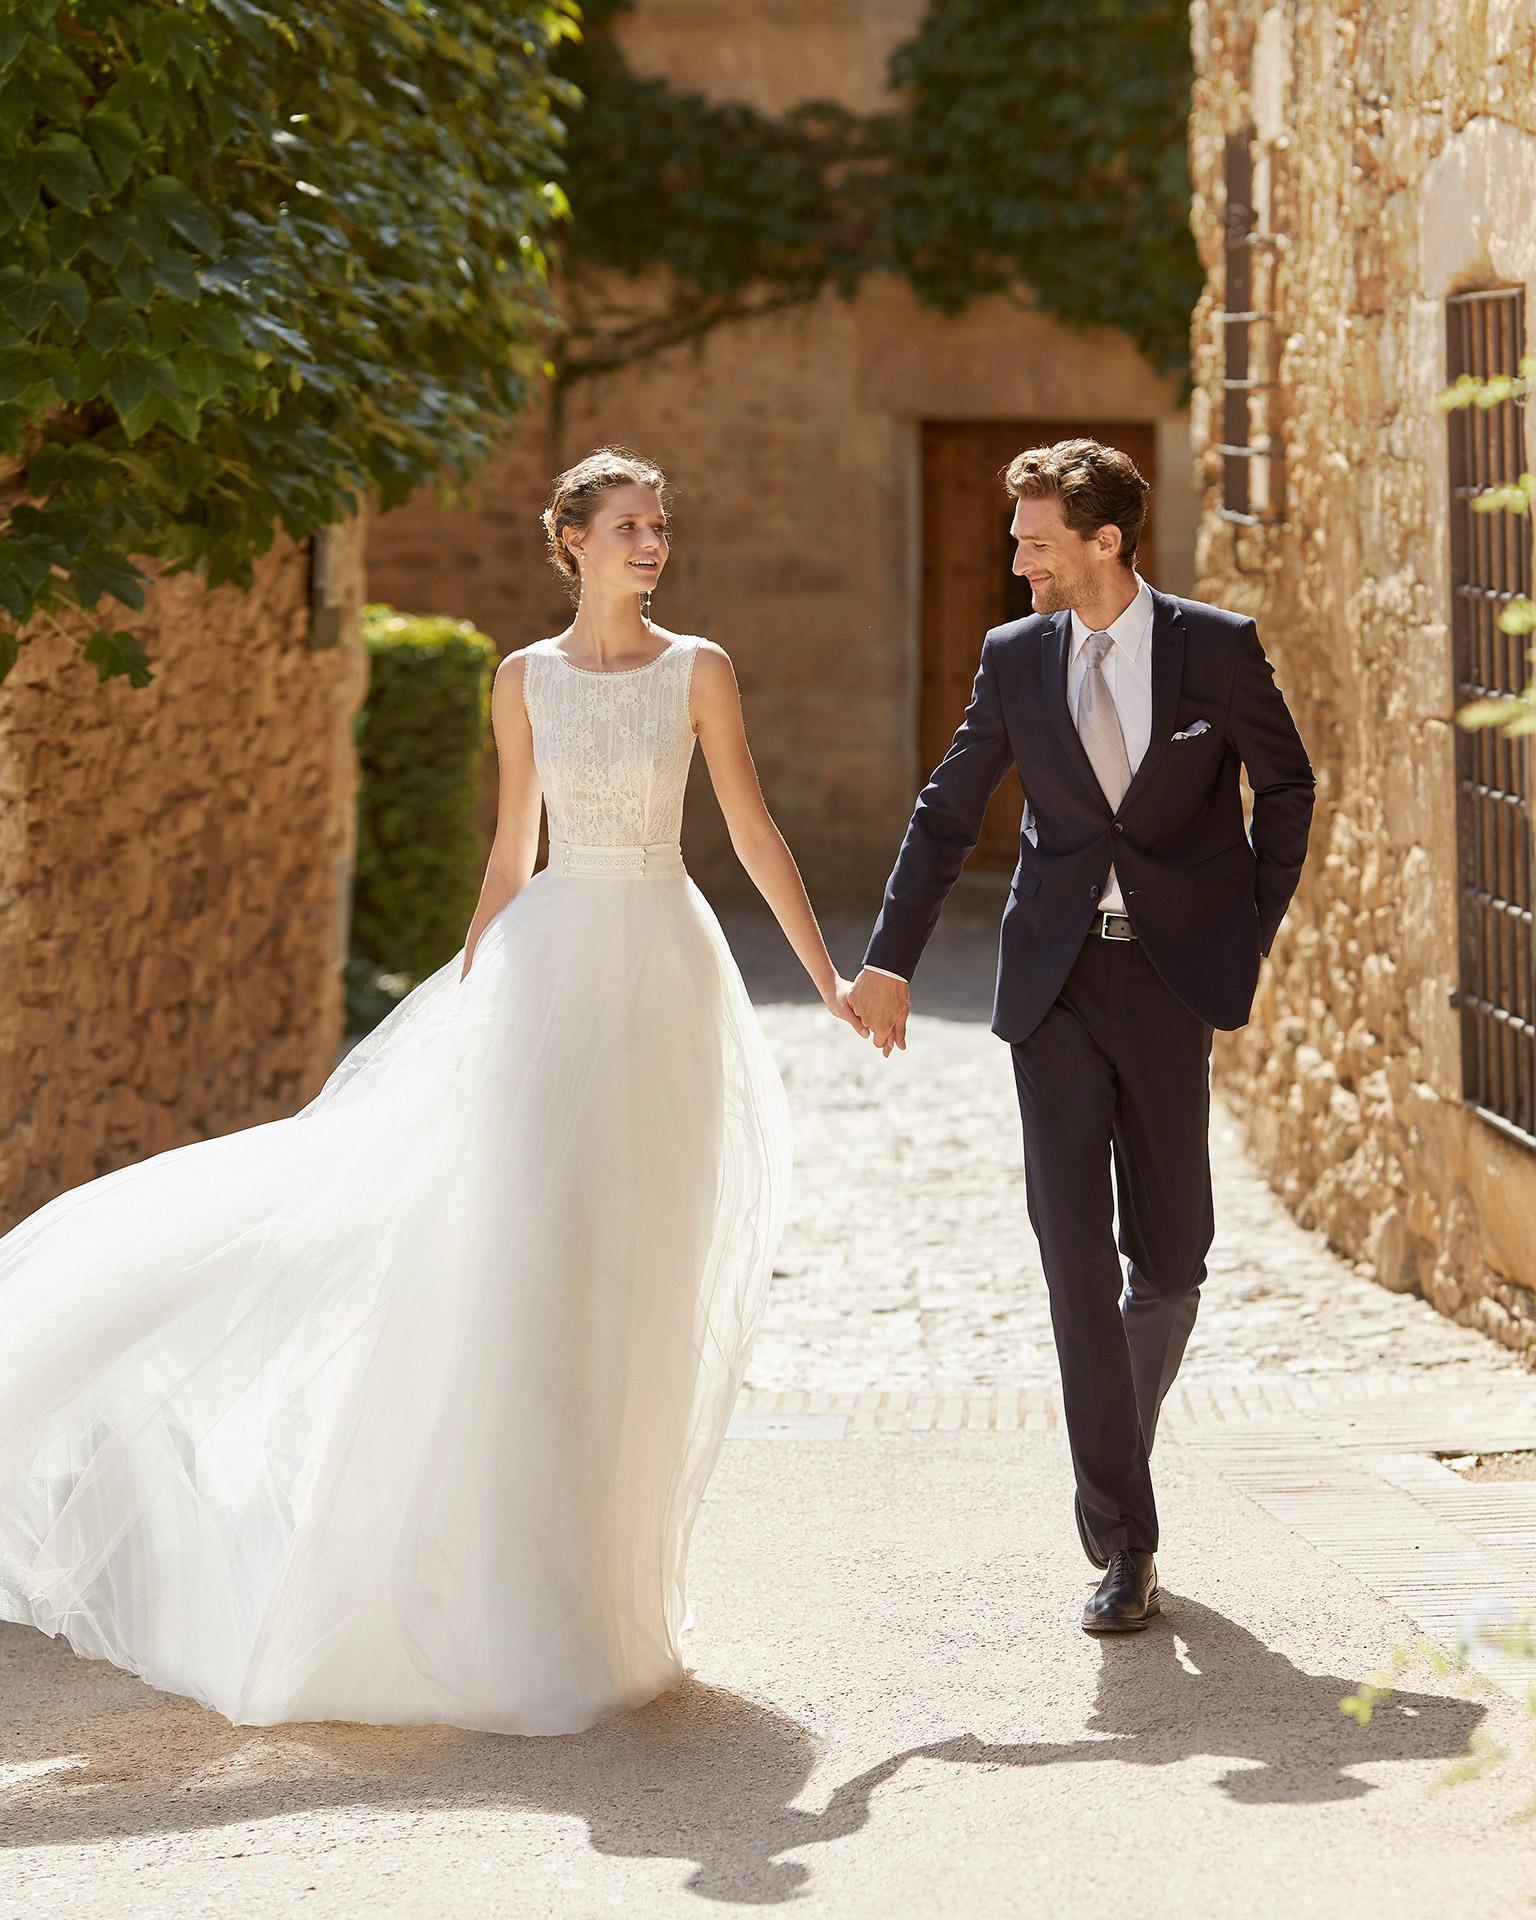 Vestido de novia romántico y ligero de corte recto con cuerpo de encaje; con escote barco y espalda en V. Modelo Alma Novia confeccionado en tul. Colección ALMANOVIA 2022.